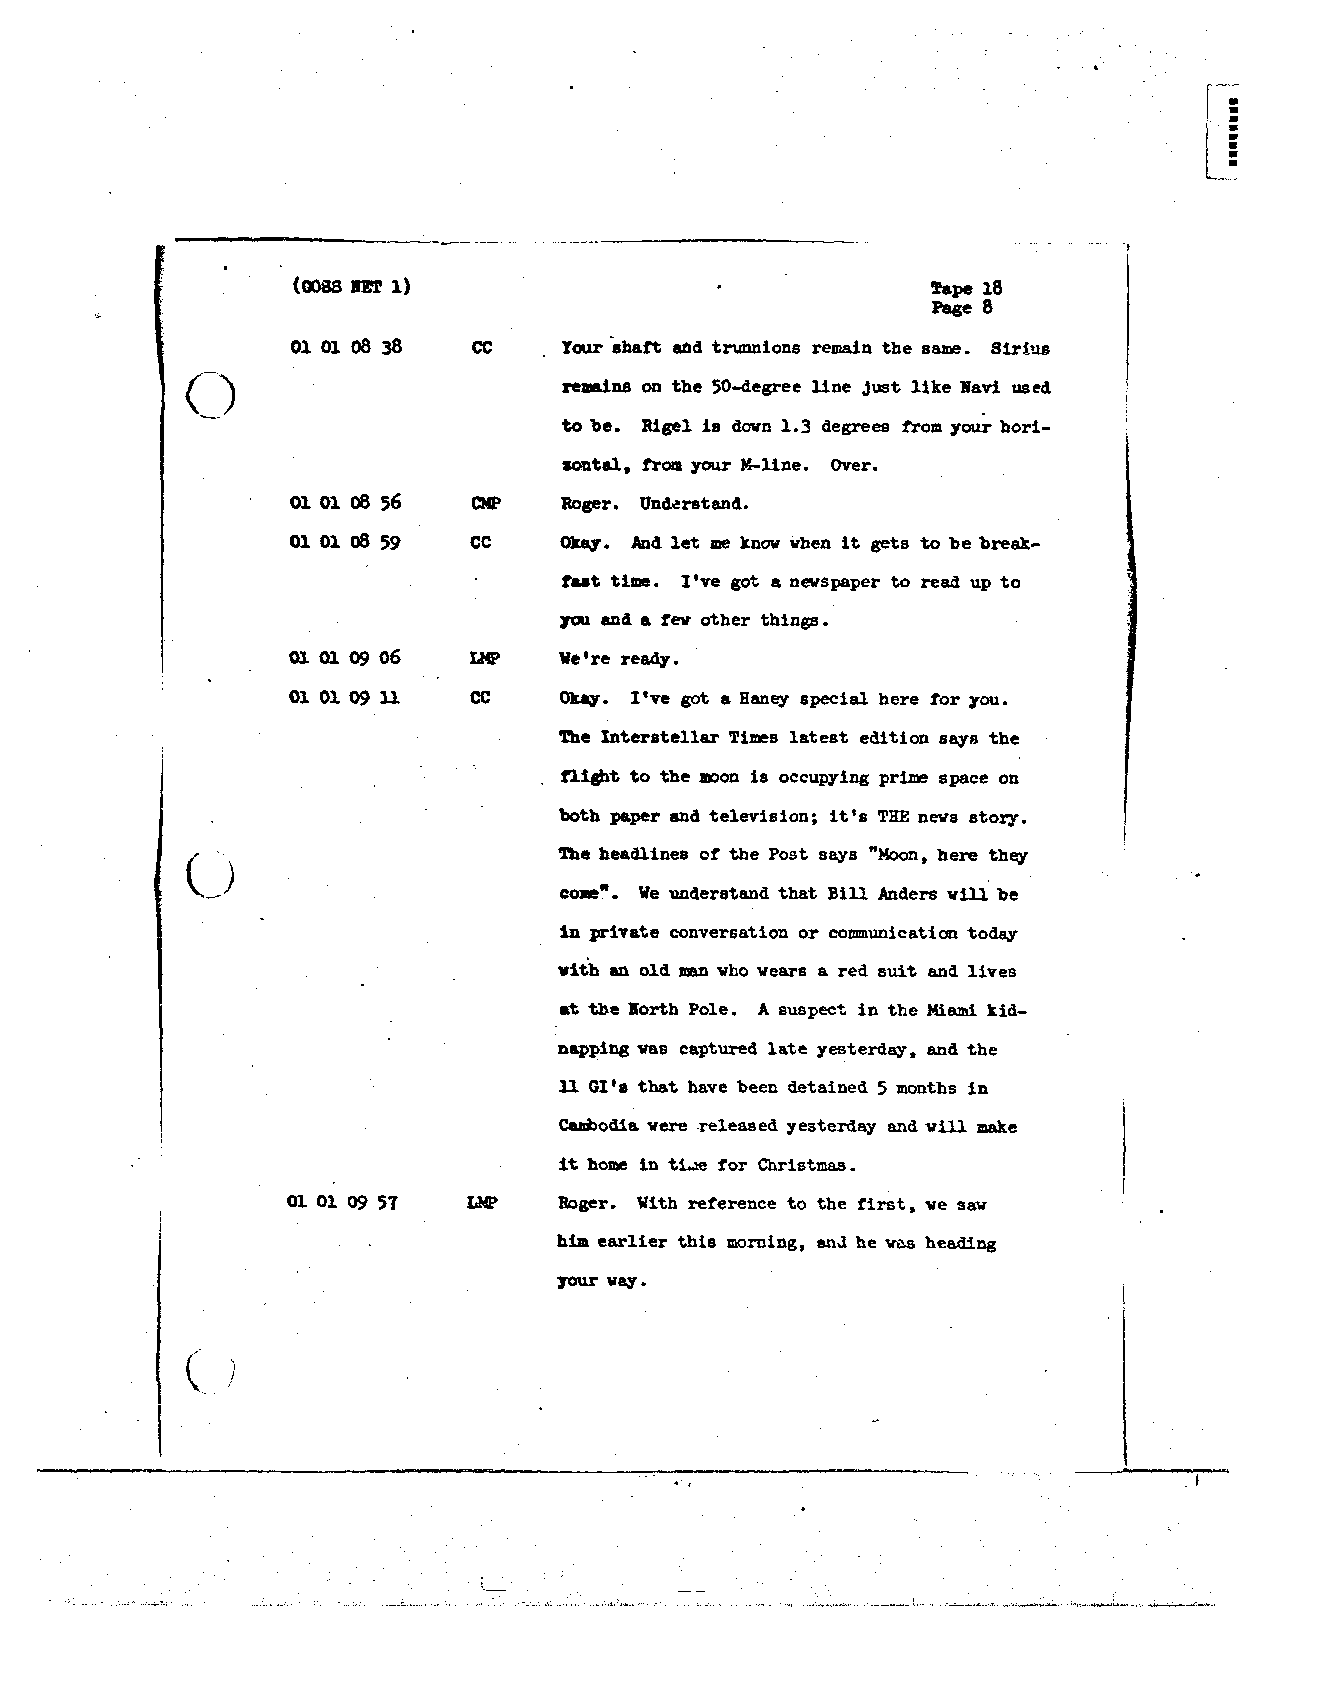 Page 143 of Apollo 8's original transcript